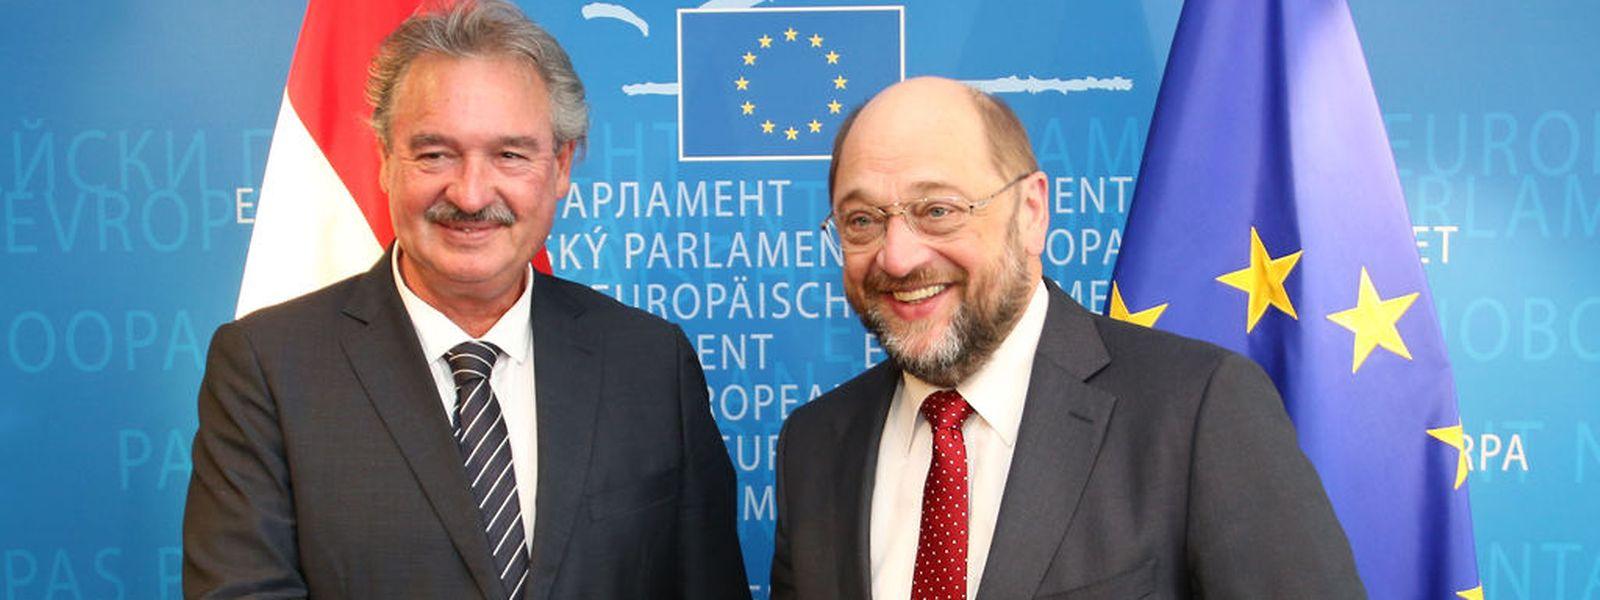 Jean Asselborn traf in Straßburg unter anderem mit EU-Parlamentspräsident Martin Schulz zusammen.